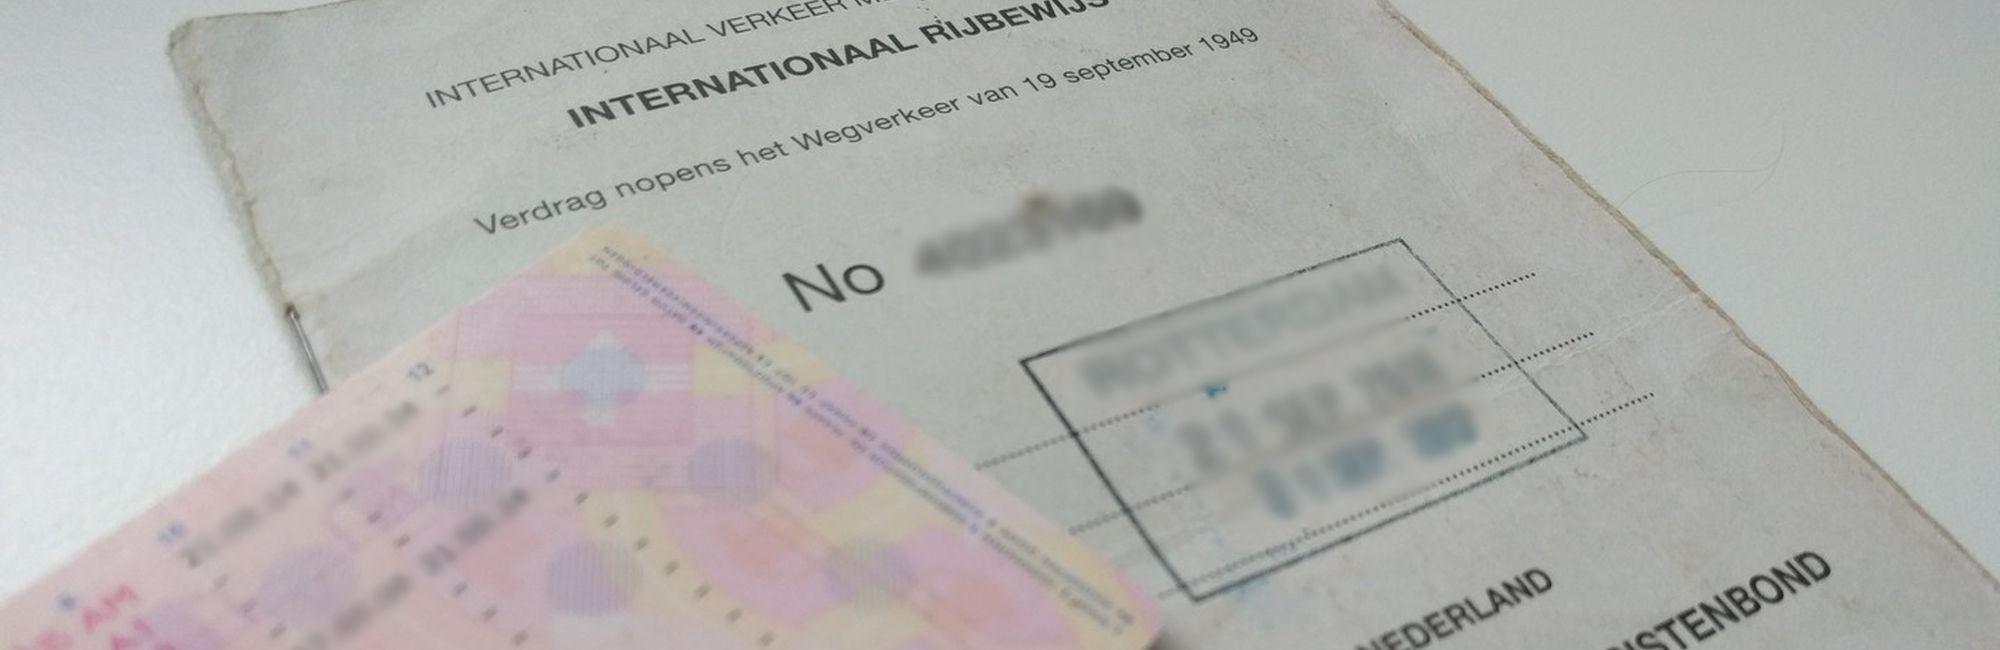 Internationaal Rijbewijs Namibië